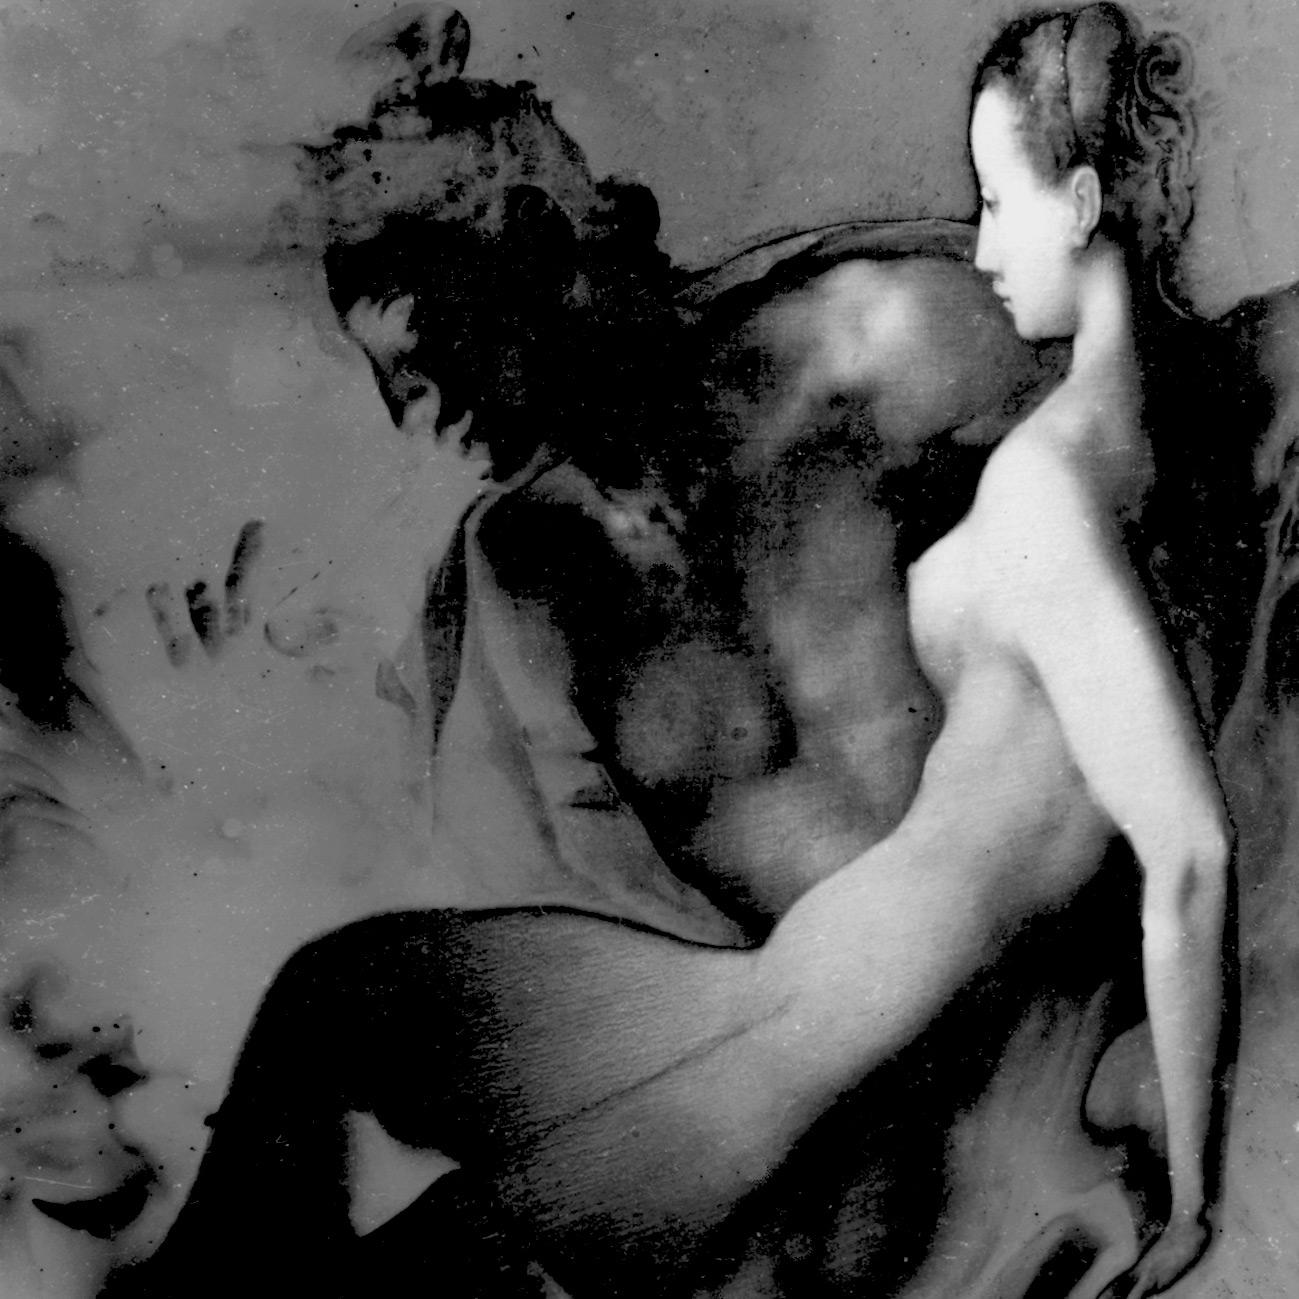 Angélique & Médor 1989